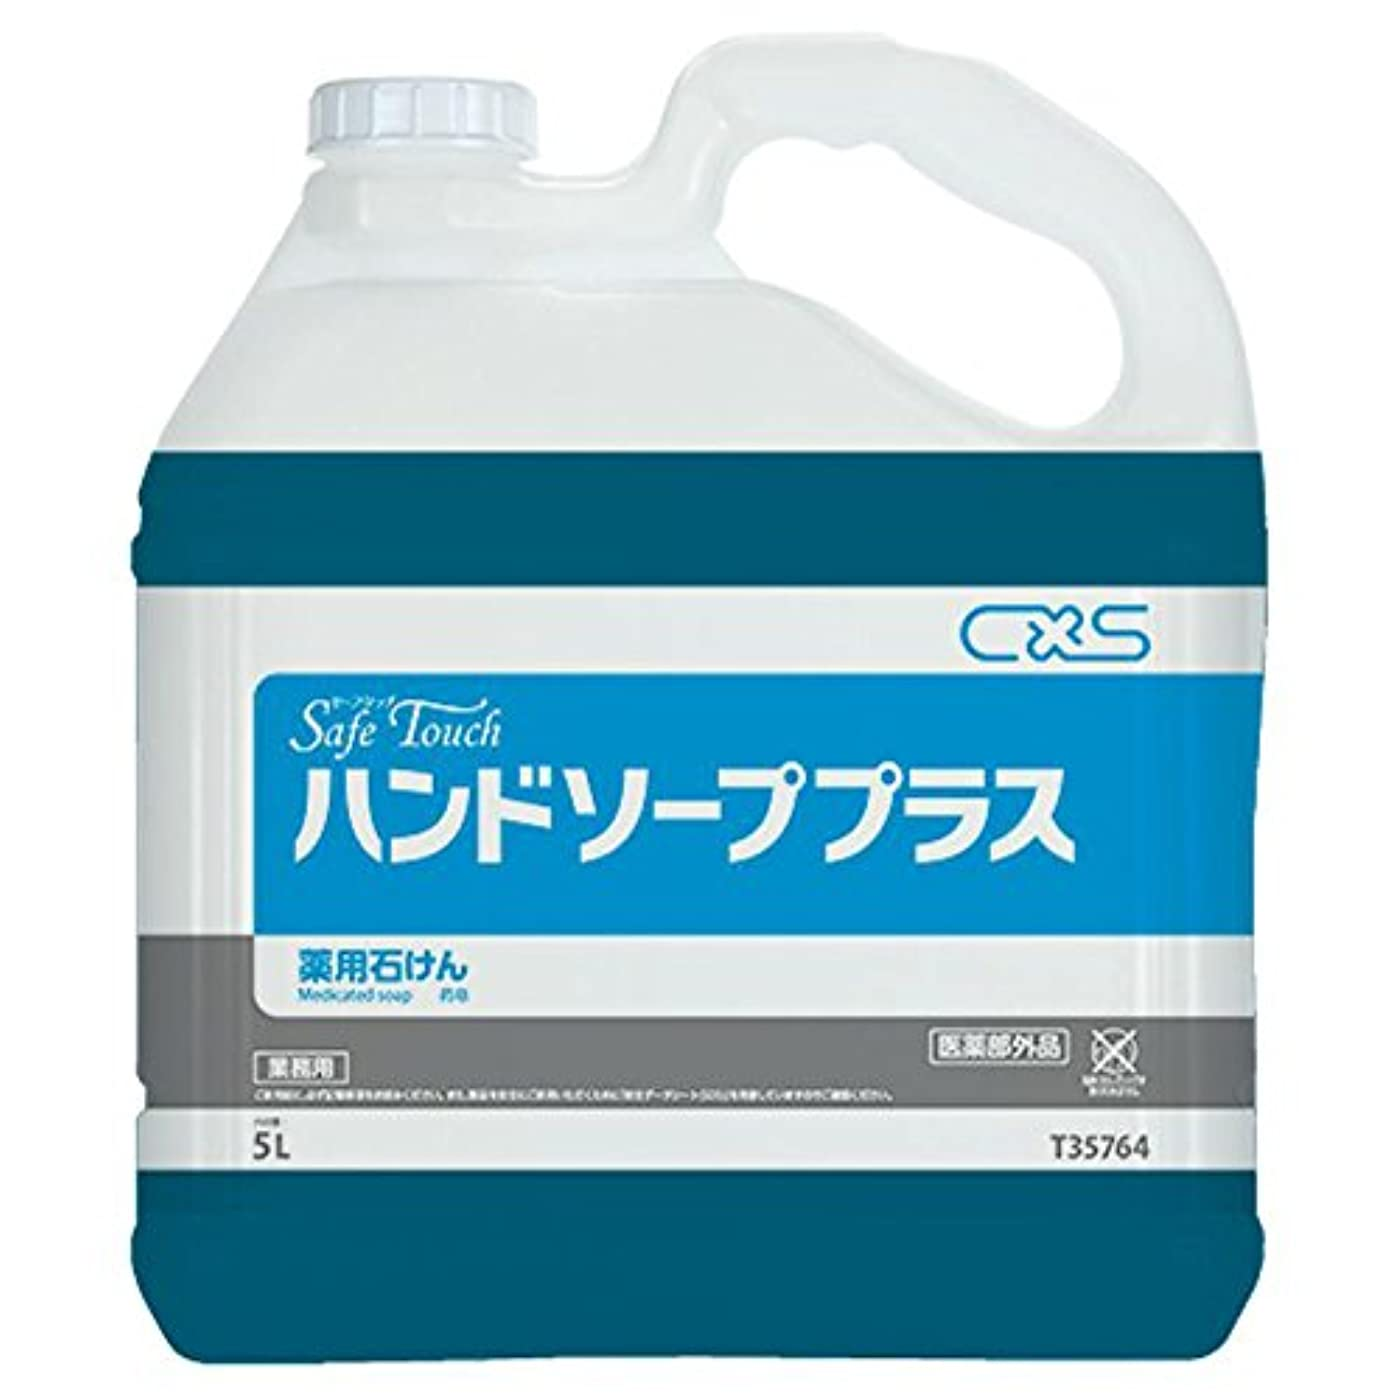 バイパスコーン厳シーバイエス(C×S) 手洗い用石鹸 セーフタッチハンドソーププラス 5L